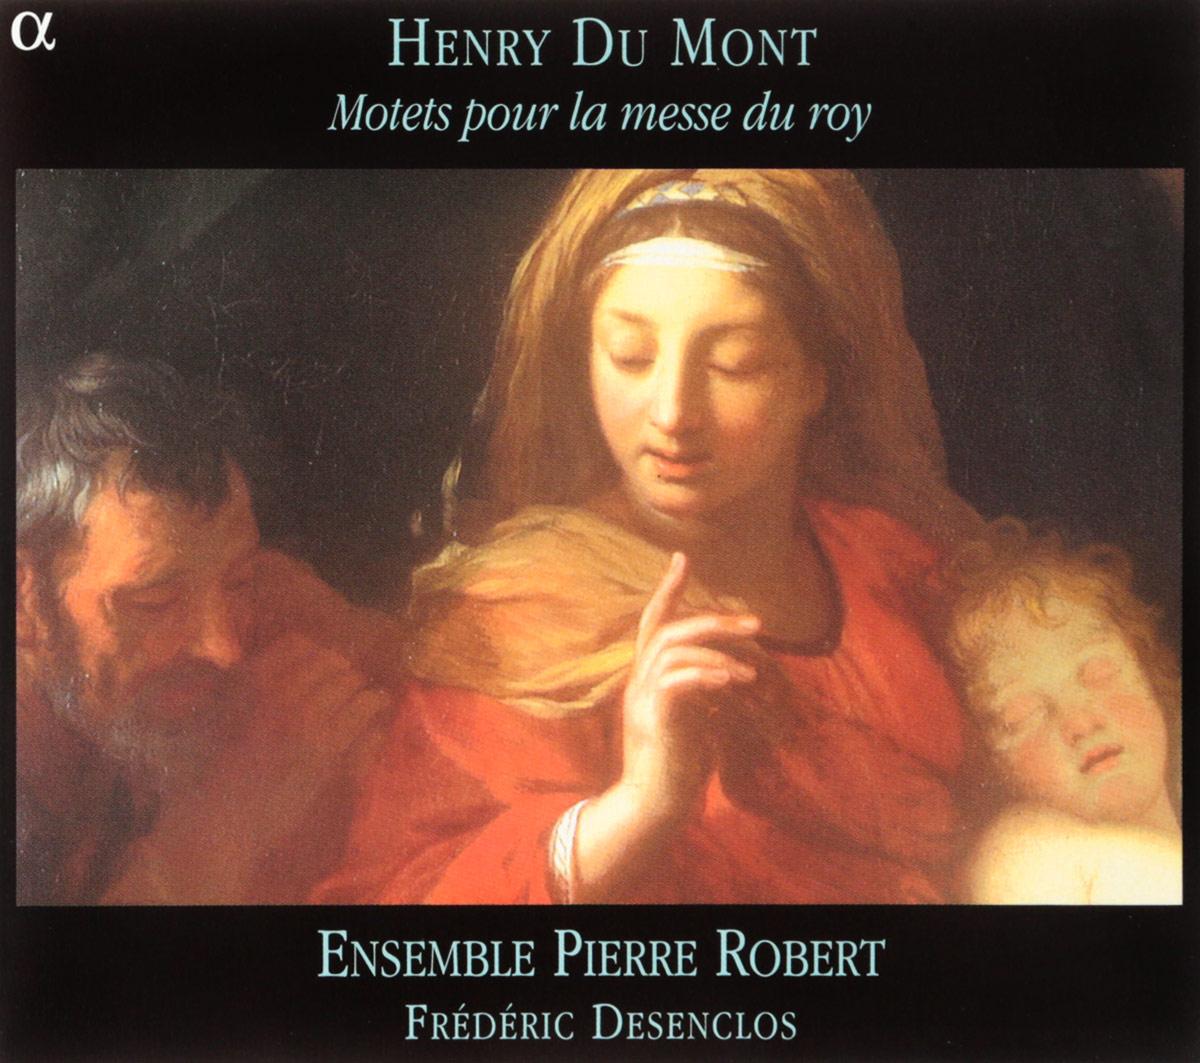 VARIOUS. DU MONT, HENRI / MOTETS POUR LA MESSE DU ROY / ENS. PIERRE ROBERT. 1